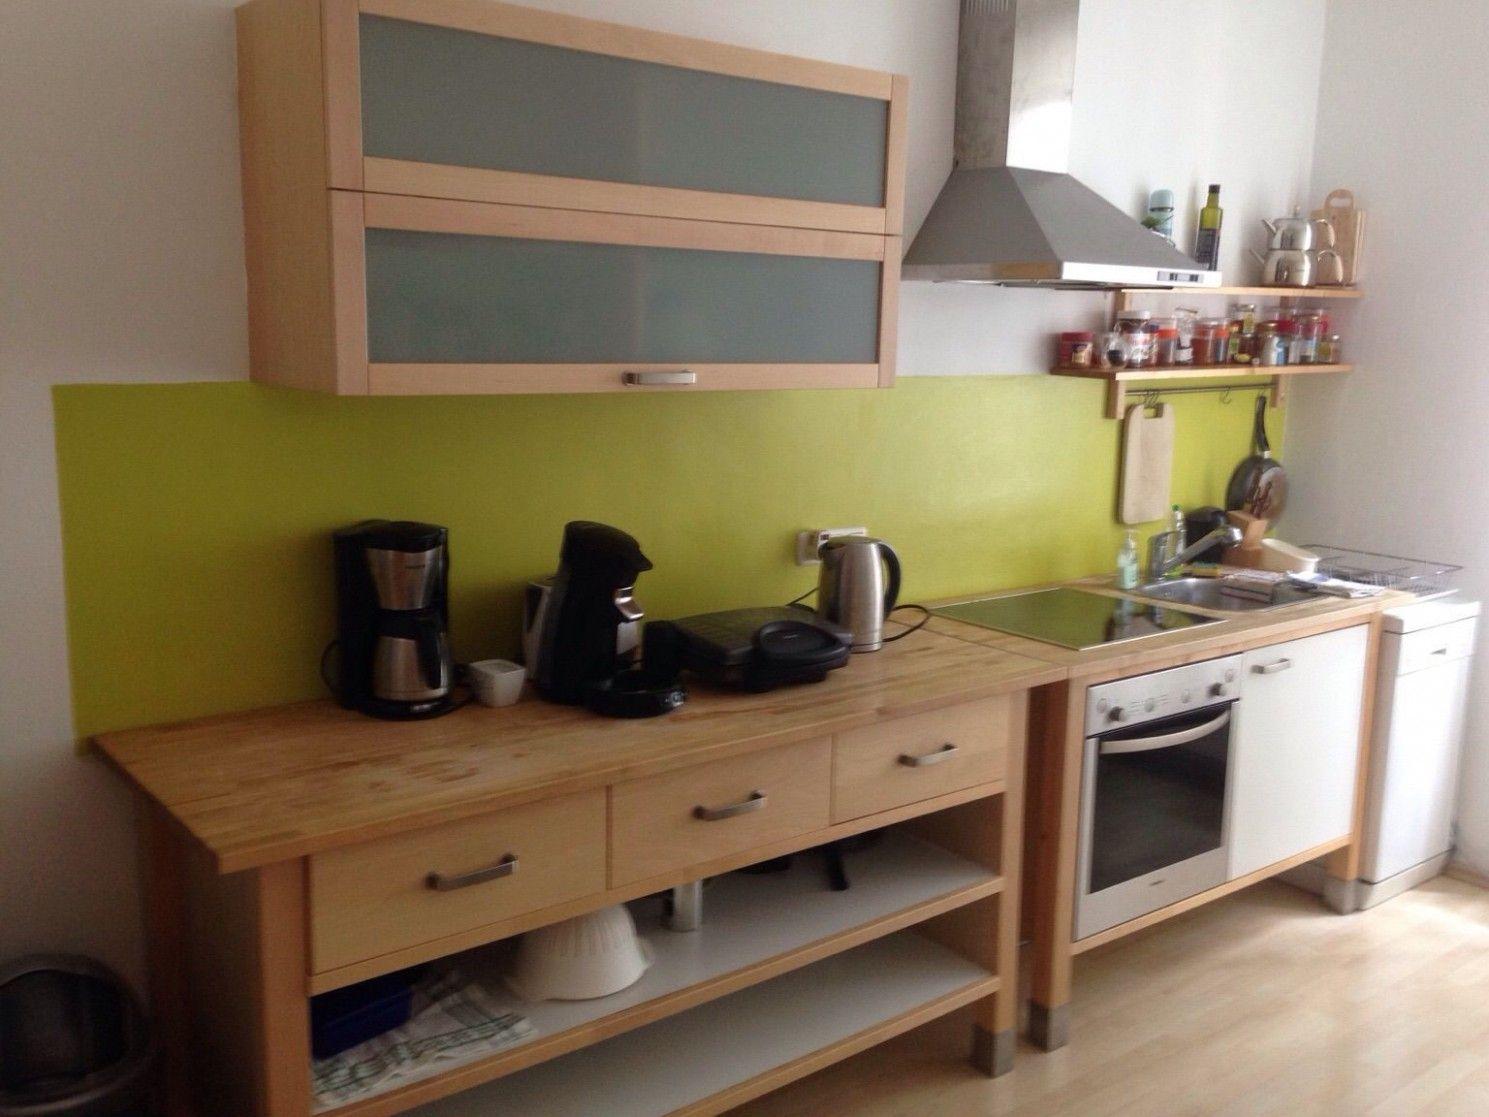 Full Size of Wahrheit Droben Ikea Vrde Kochkunst Wird Enthllt Nel 2020 Schrankküche Modulküche Miniküche Betten 160x200 Sofa Mit Schlaffunktion Küche Kosten Bei Kaufen Wohnzimmer Schrankküche Ikea Värde